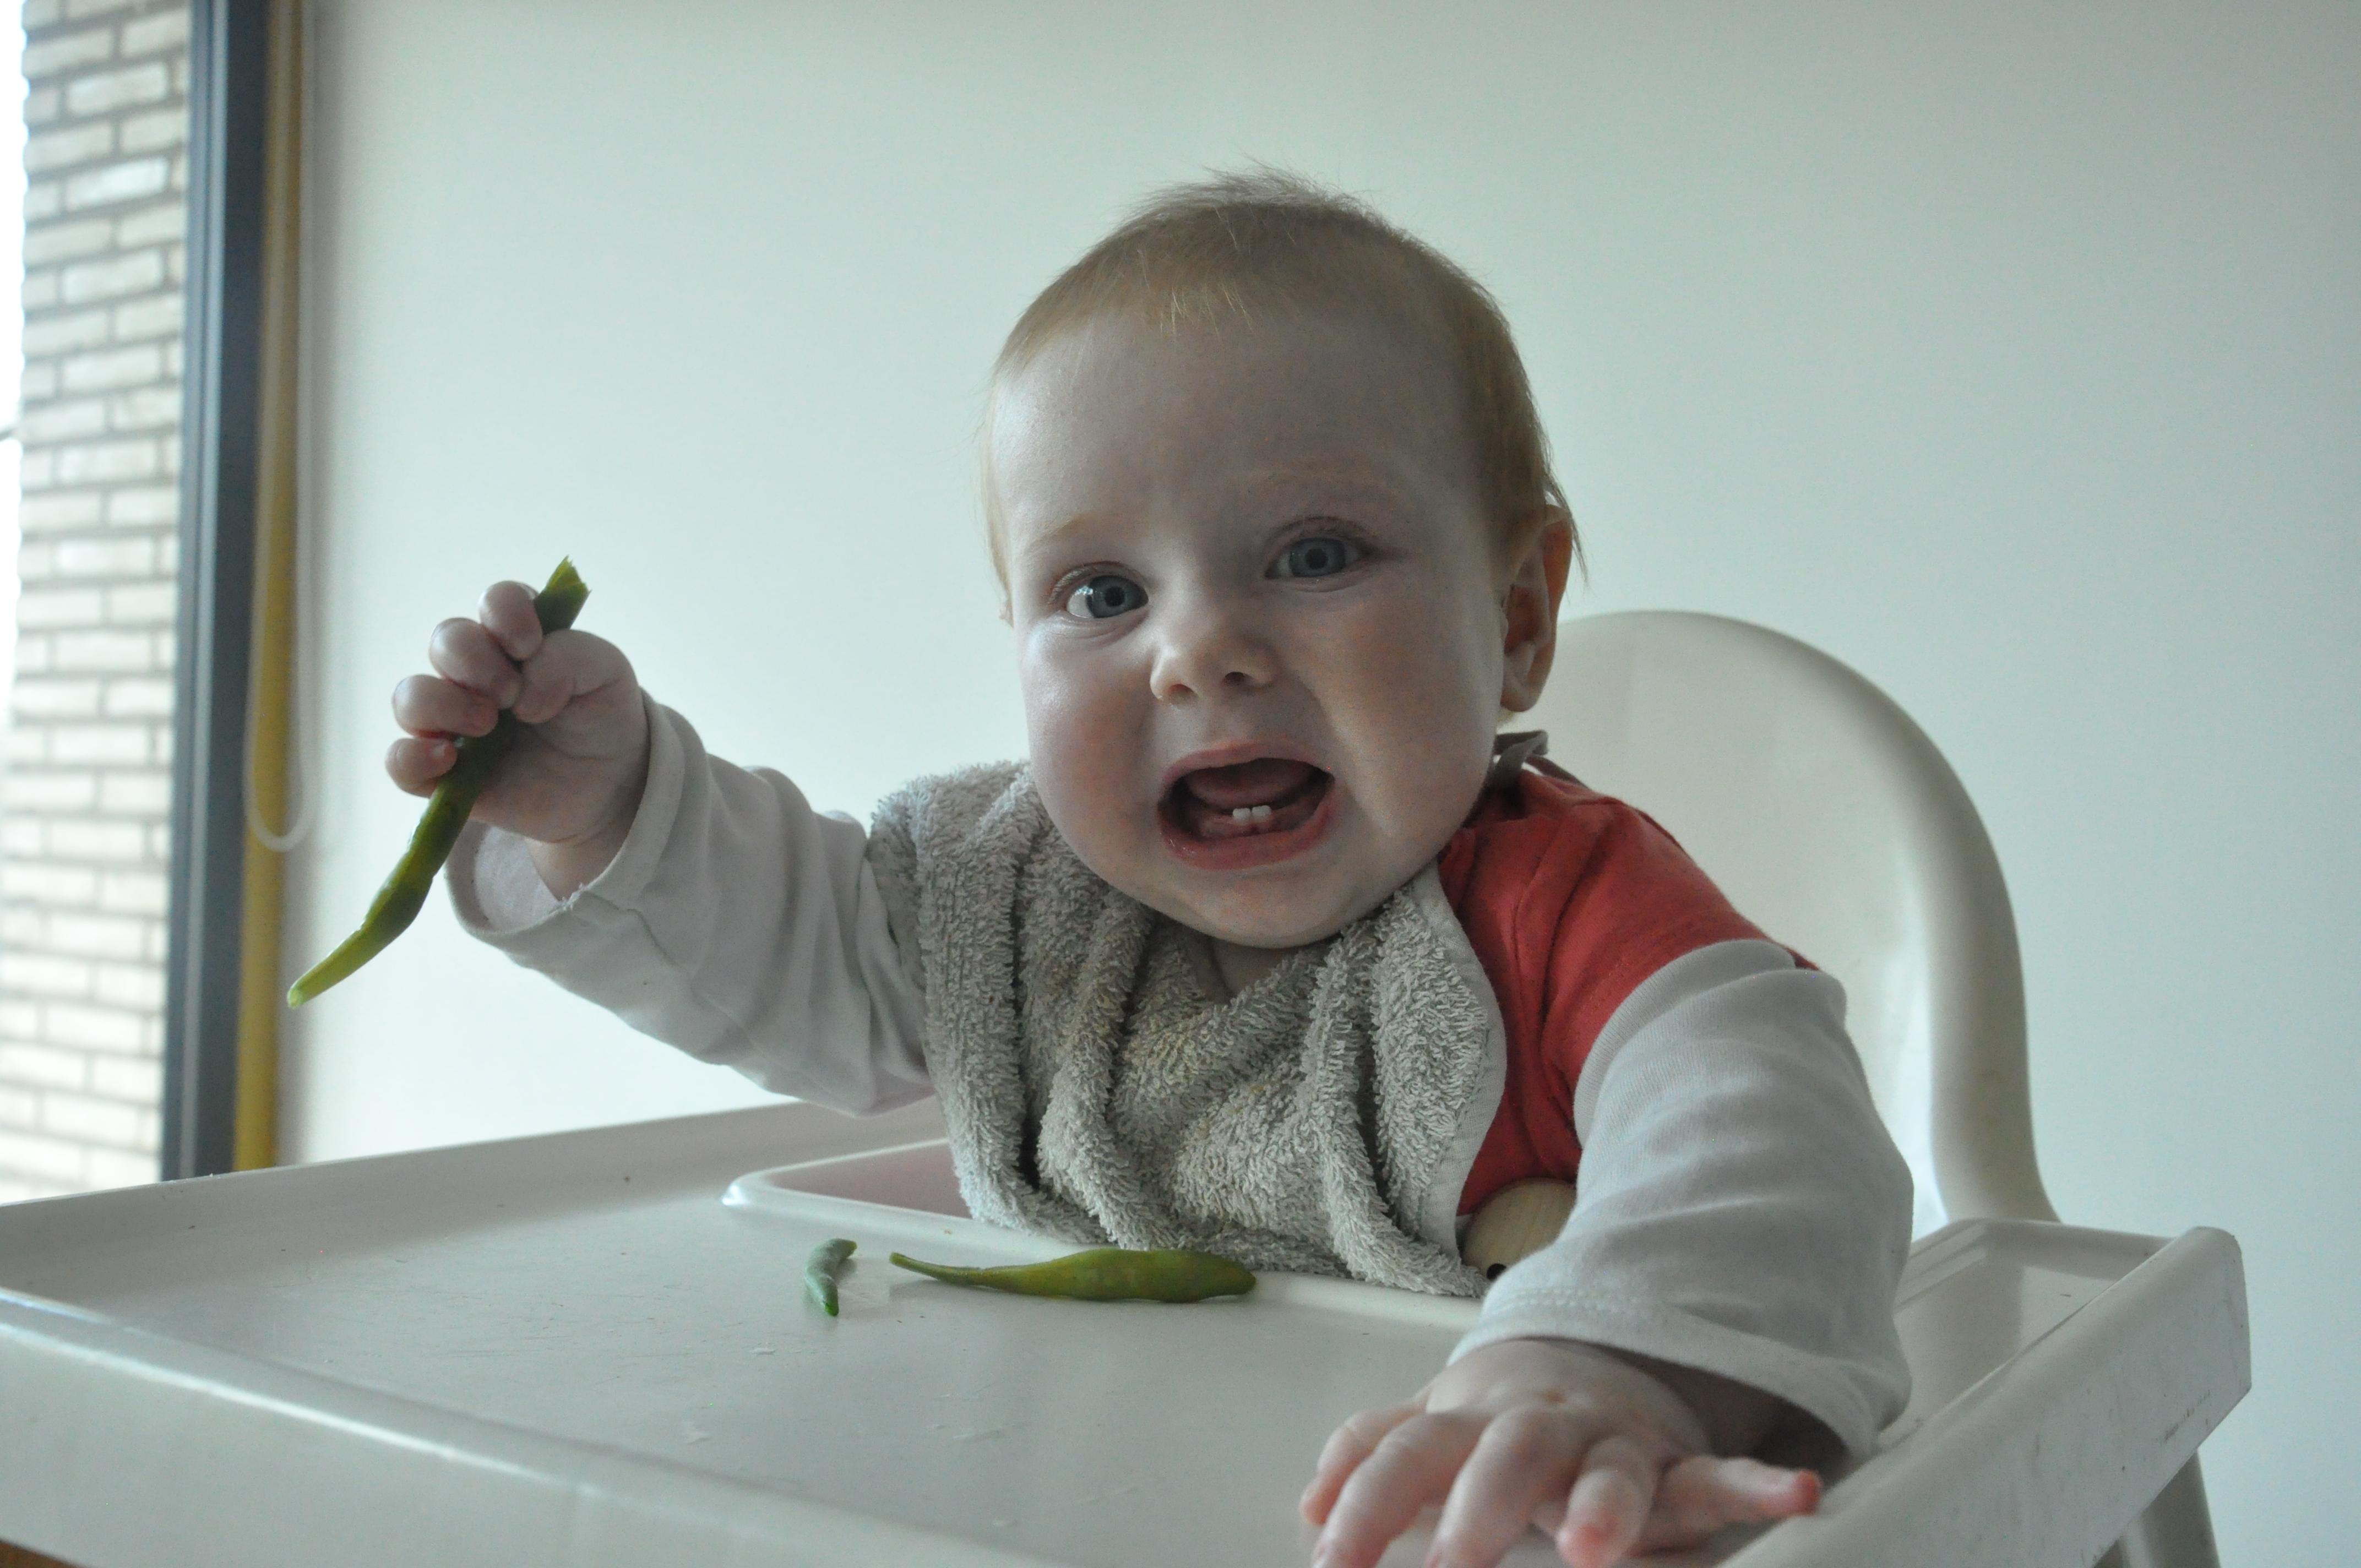 Rapley-kindjes minder kieskeurig, maar geen effect op gewicht?